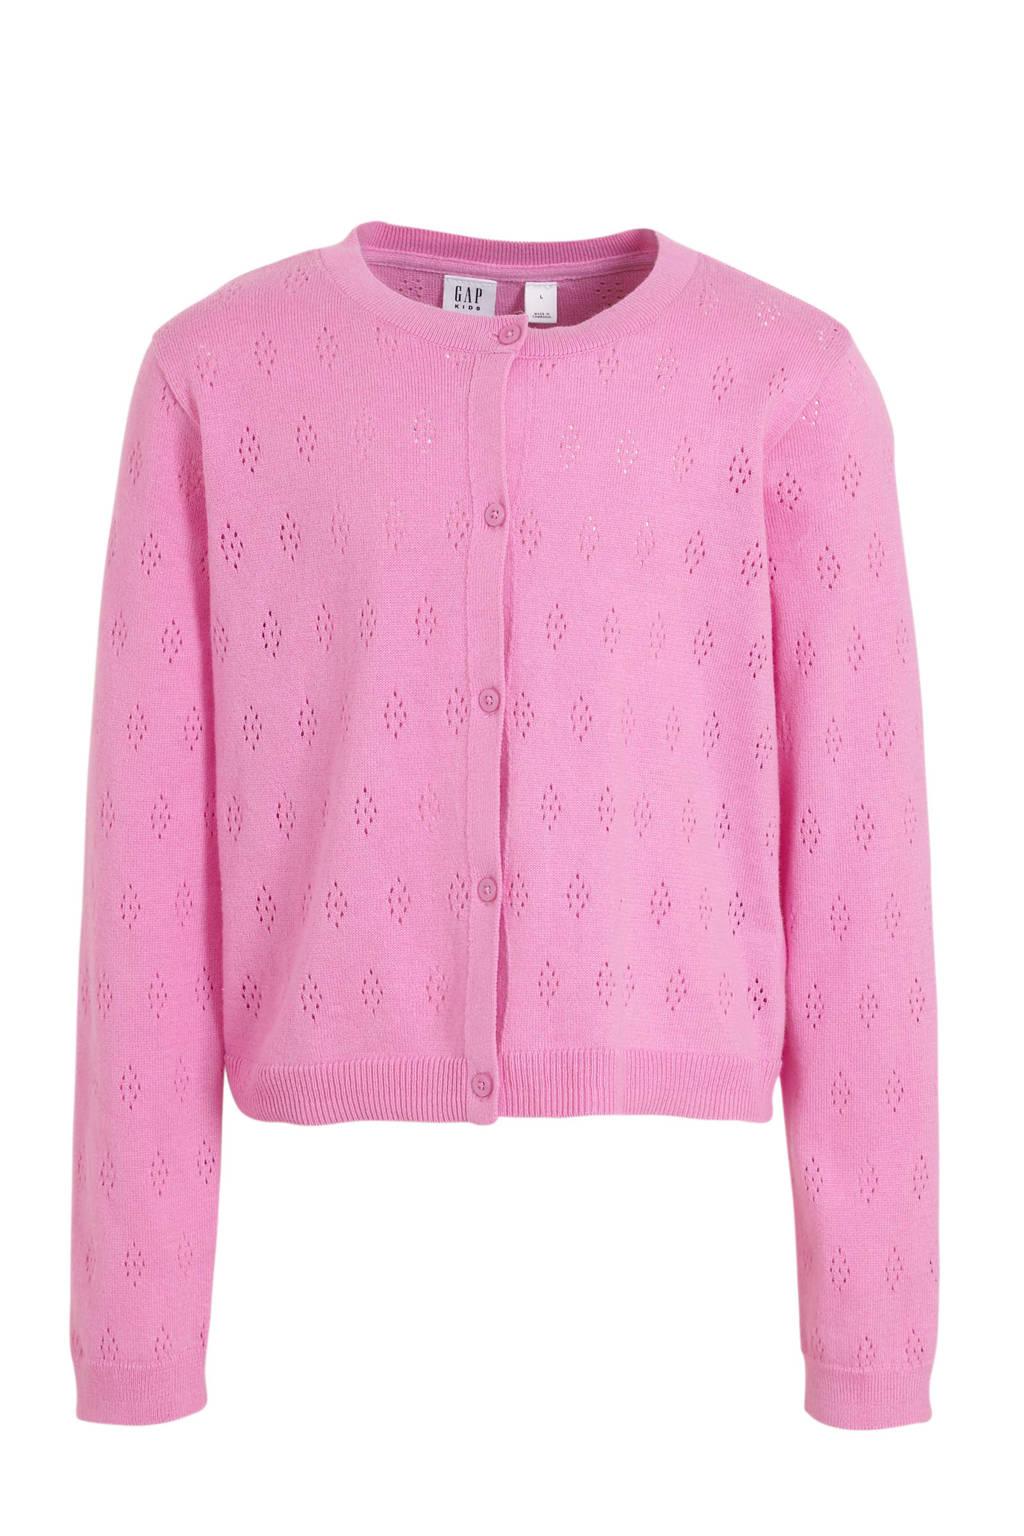 GAP fijngebreid vest roze, Roze